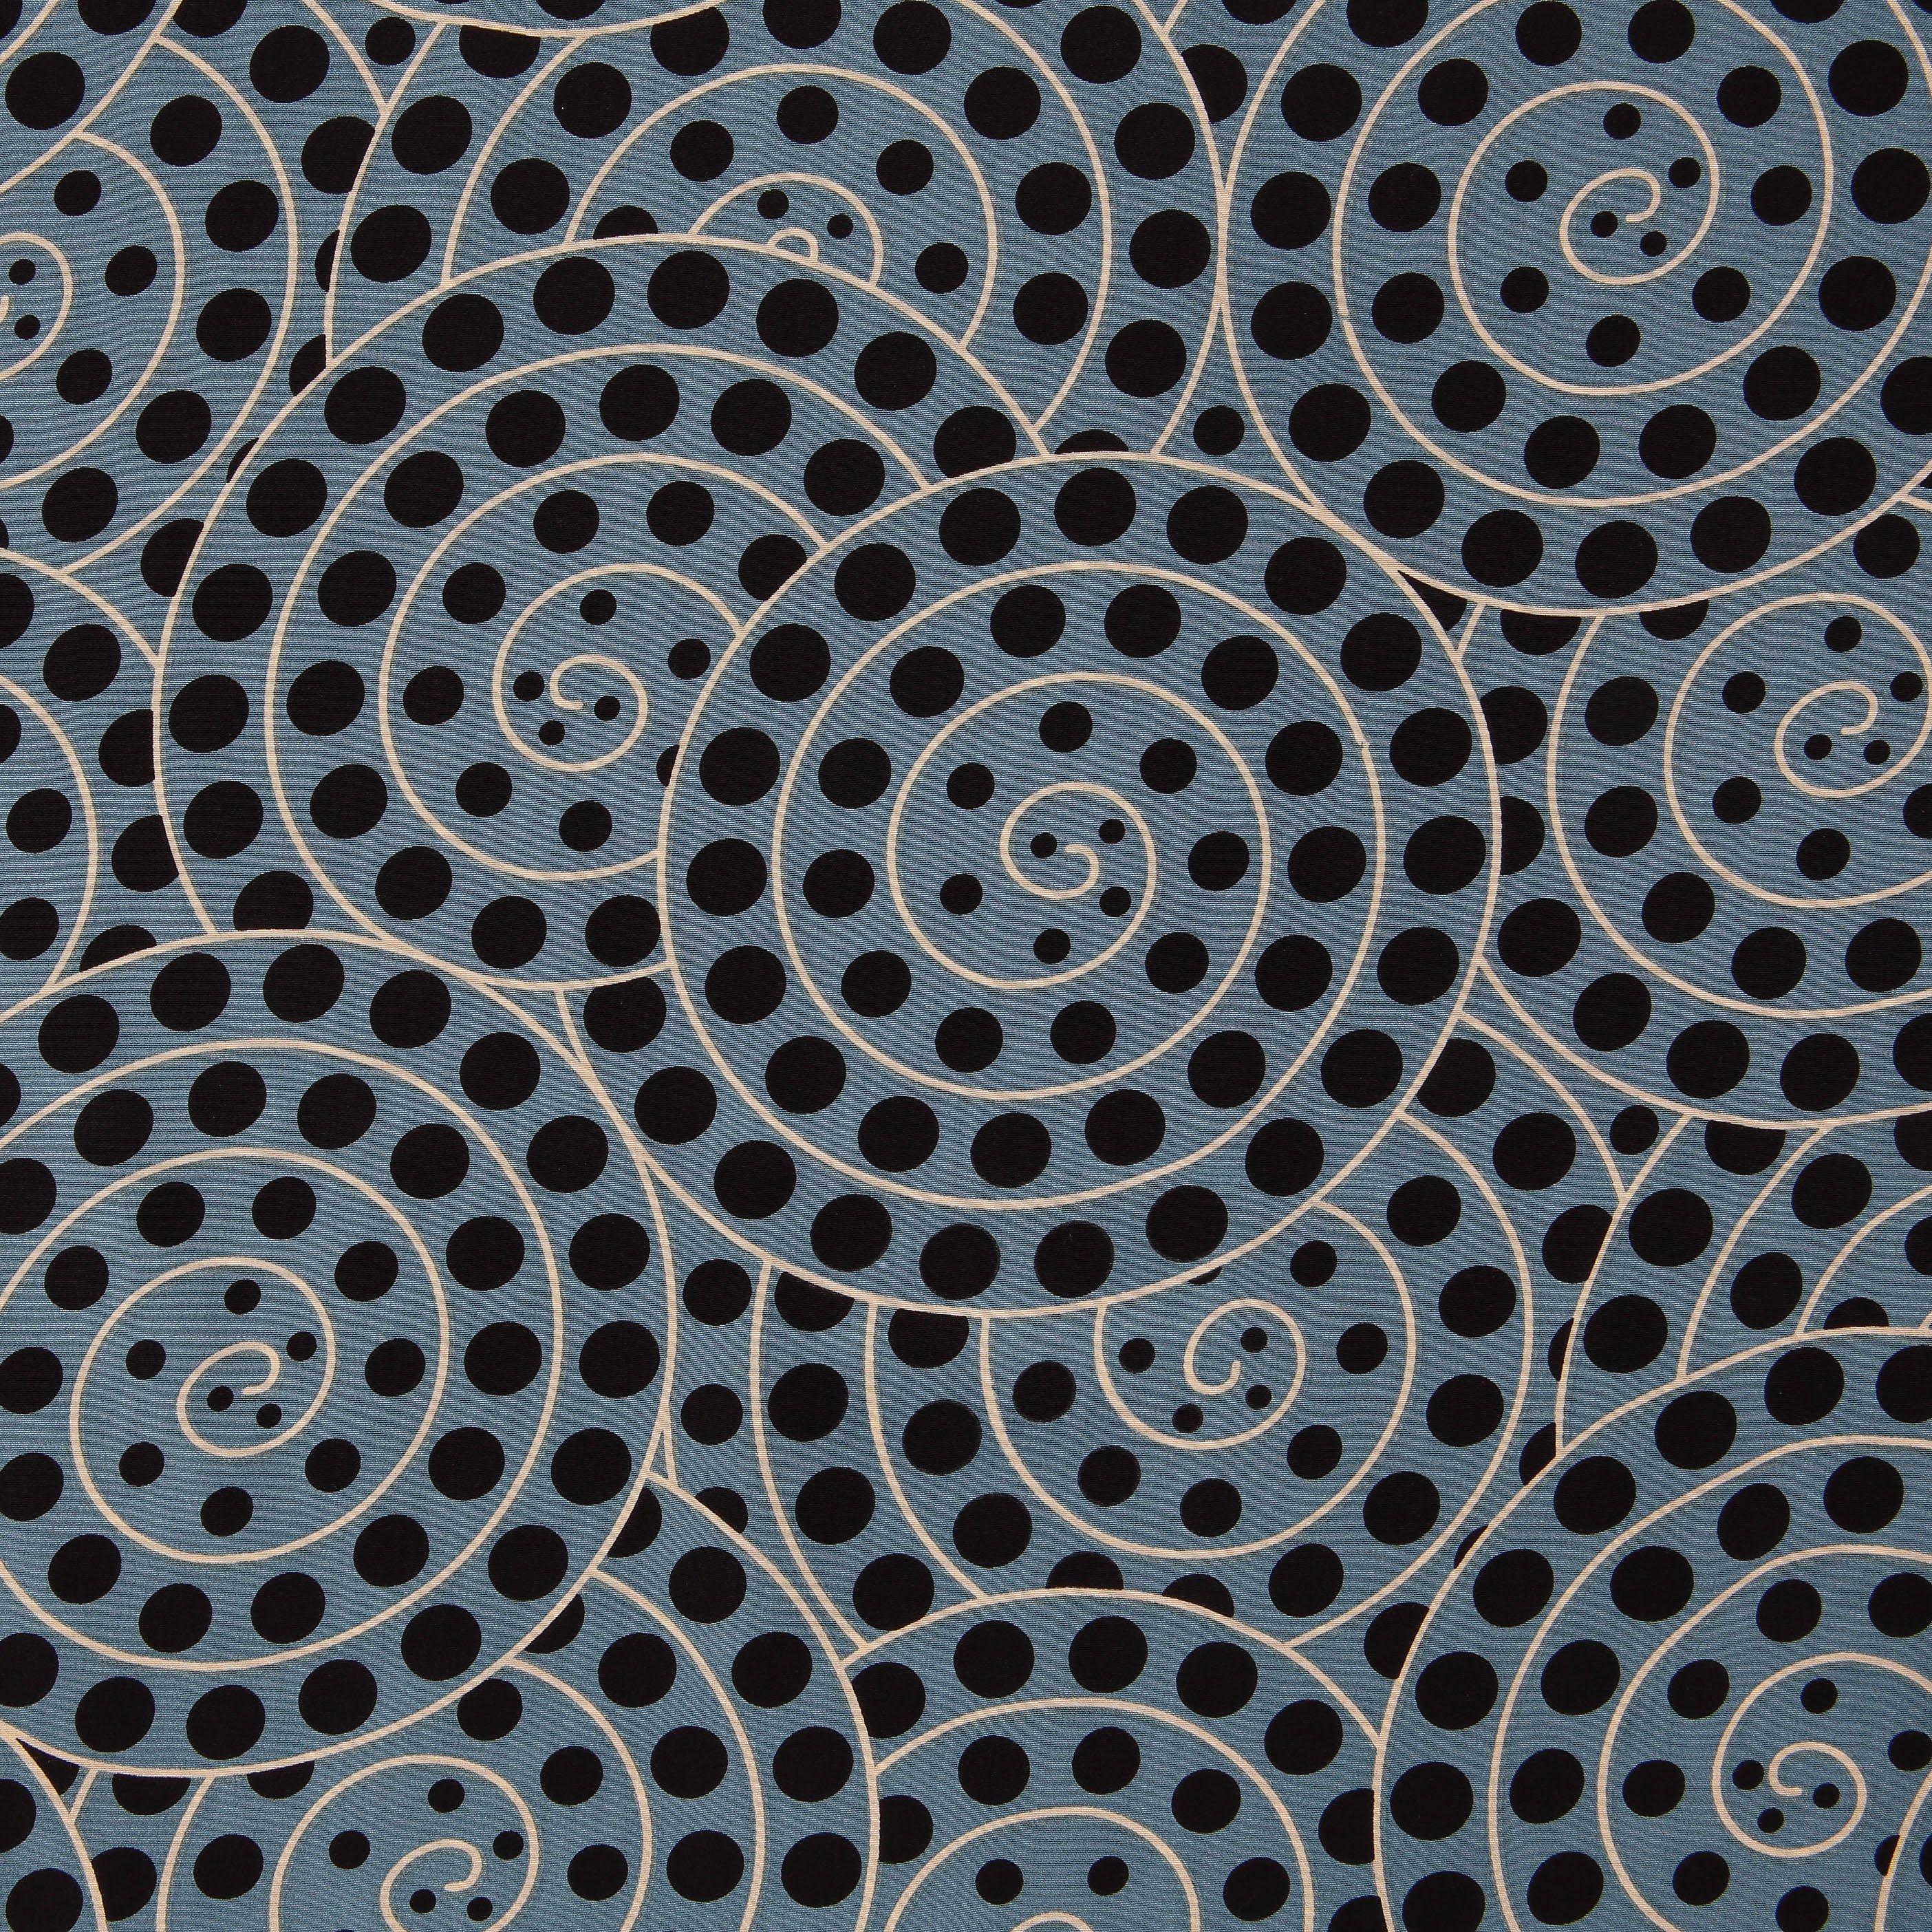 ammonite-blue-bloomsbury-square-fabrics-2584